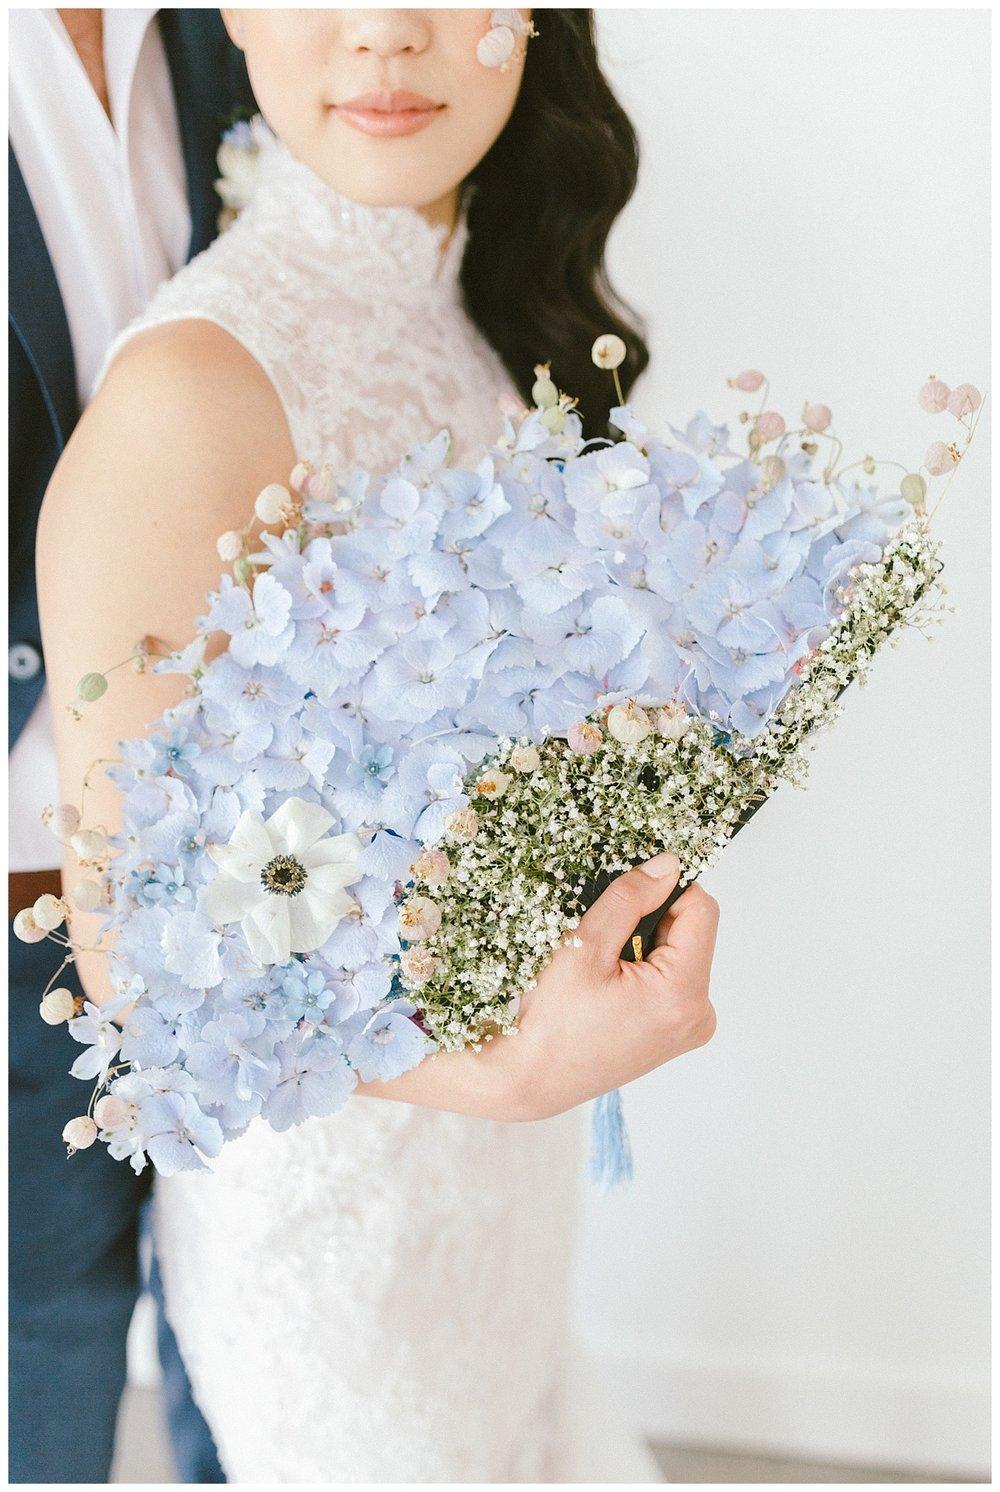 Hong Kong Fine Art Wedding Prewedding Photographer 00022.jpg